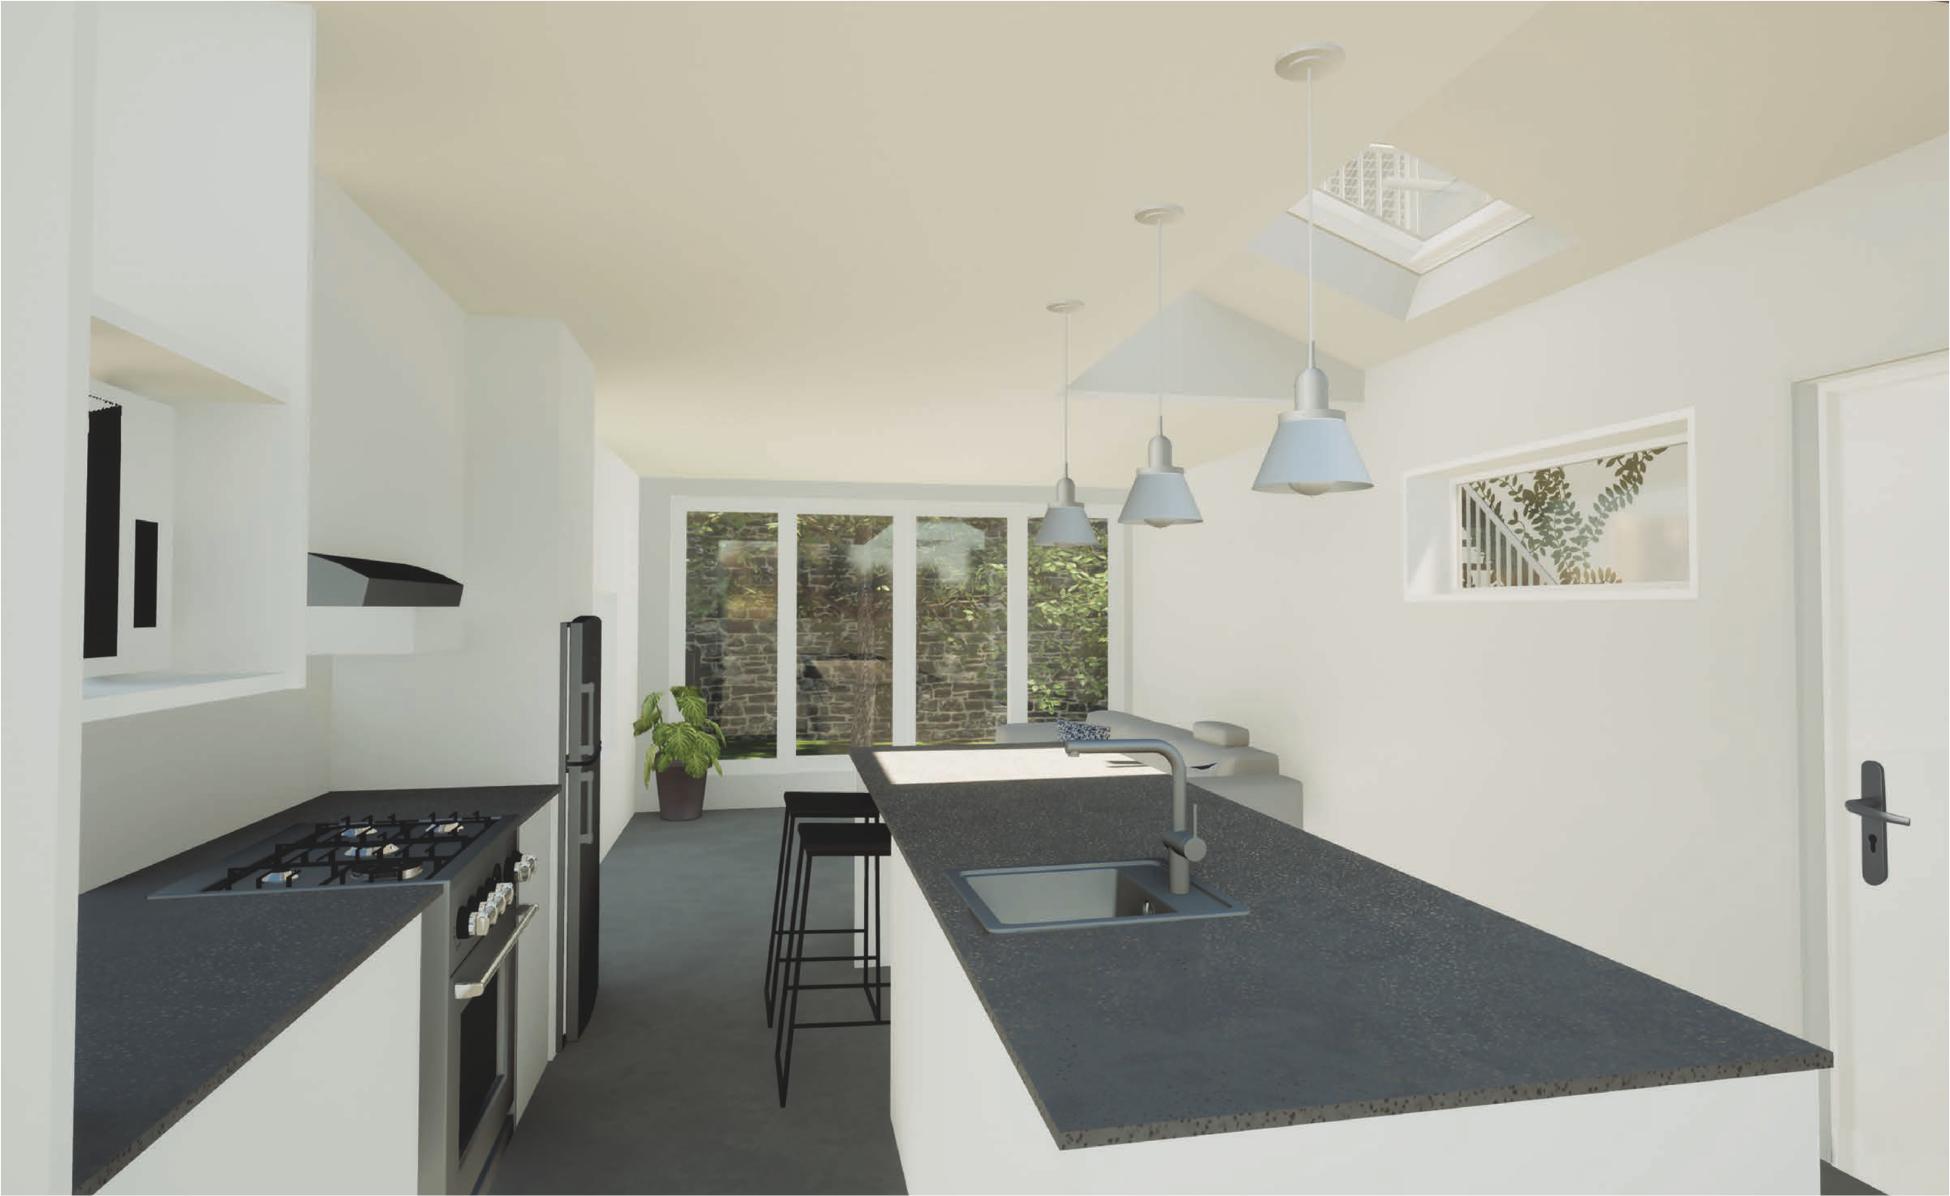 Photo 2 : 4 appartements dans maison ancestrale totalement rénovés, quartier St-Jean-Baptiste, prêts pour septembre, semi-meublés + Internet inclus